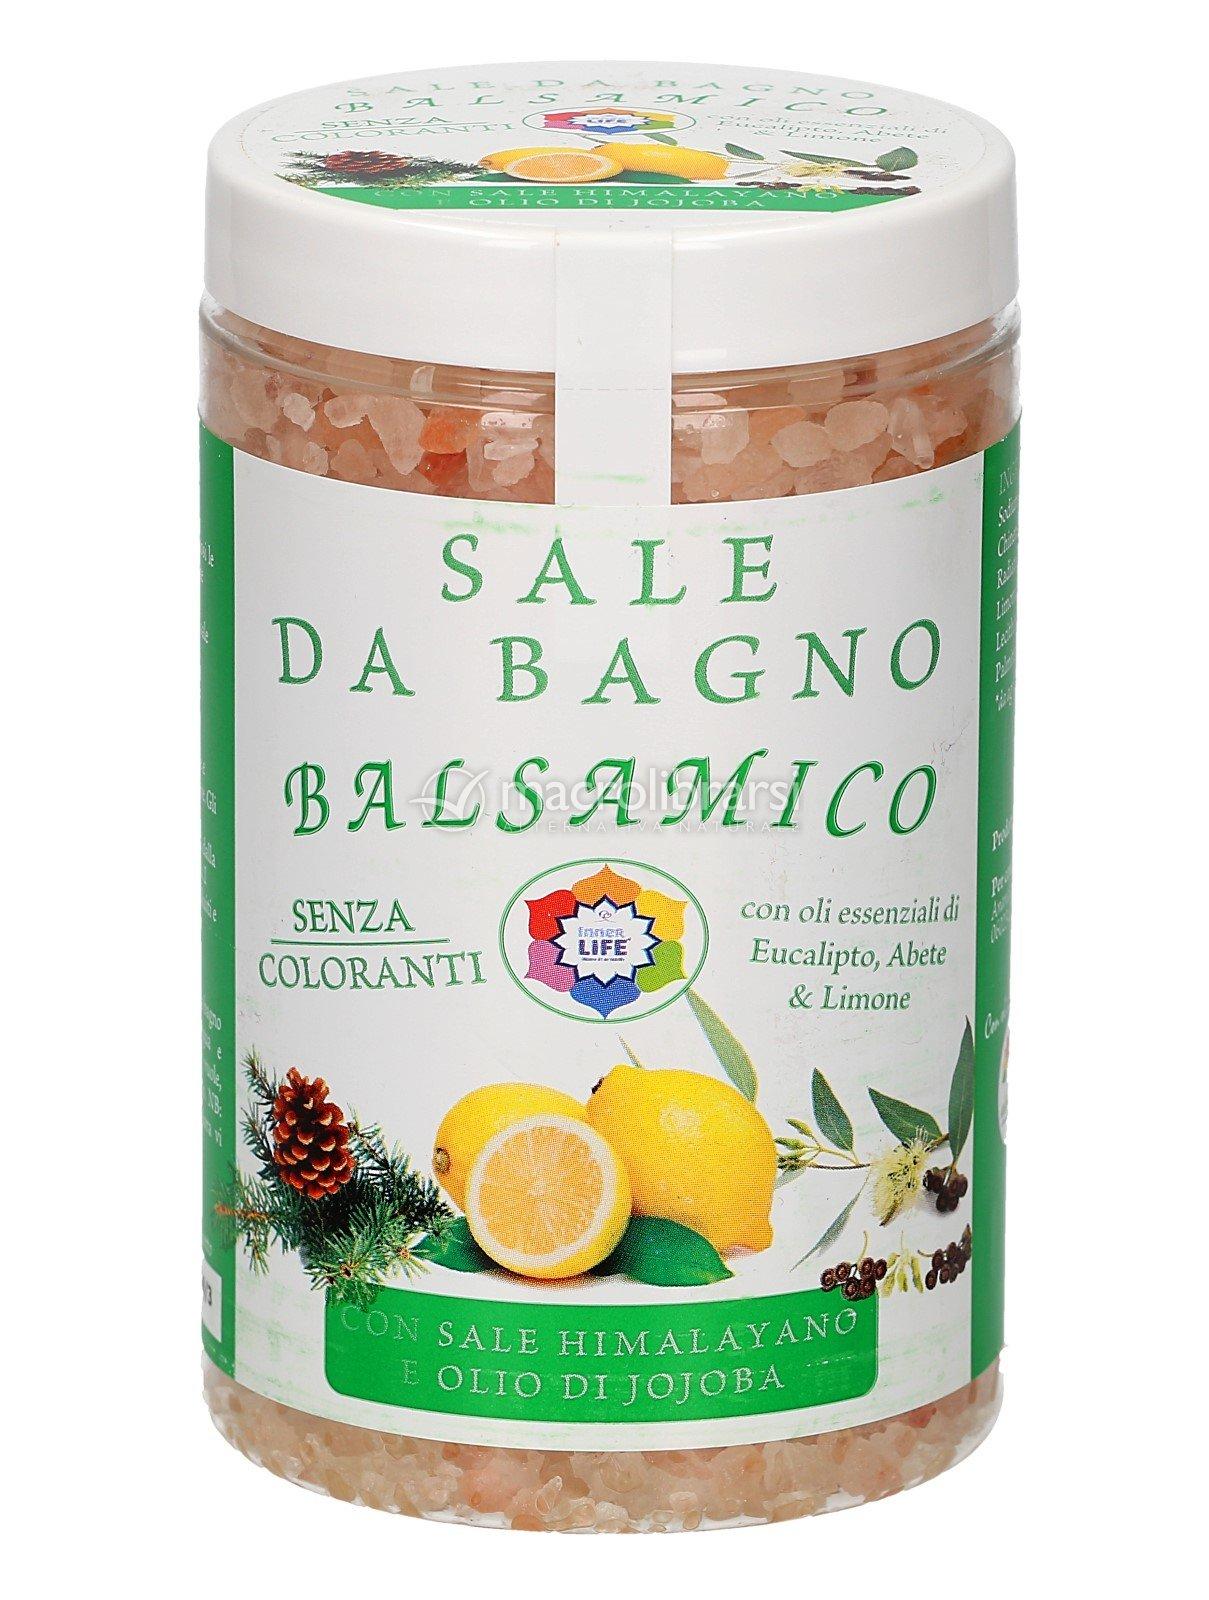 Sali da bagno balsamico non usare ananda inner life - Sali da bagno droga ...